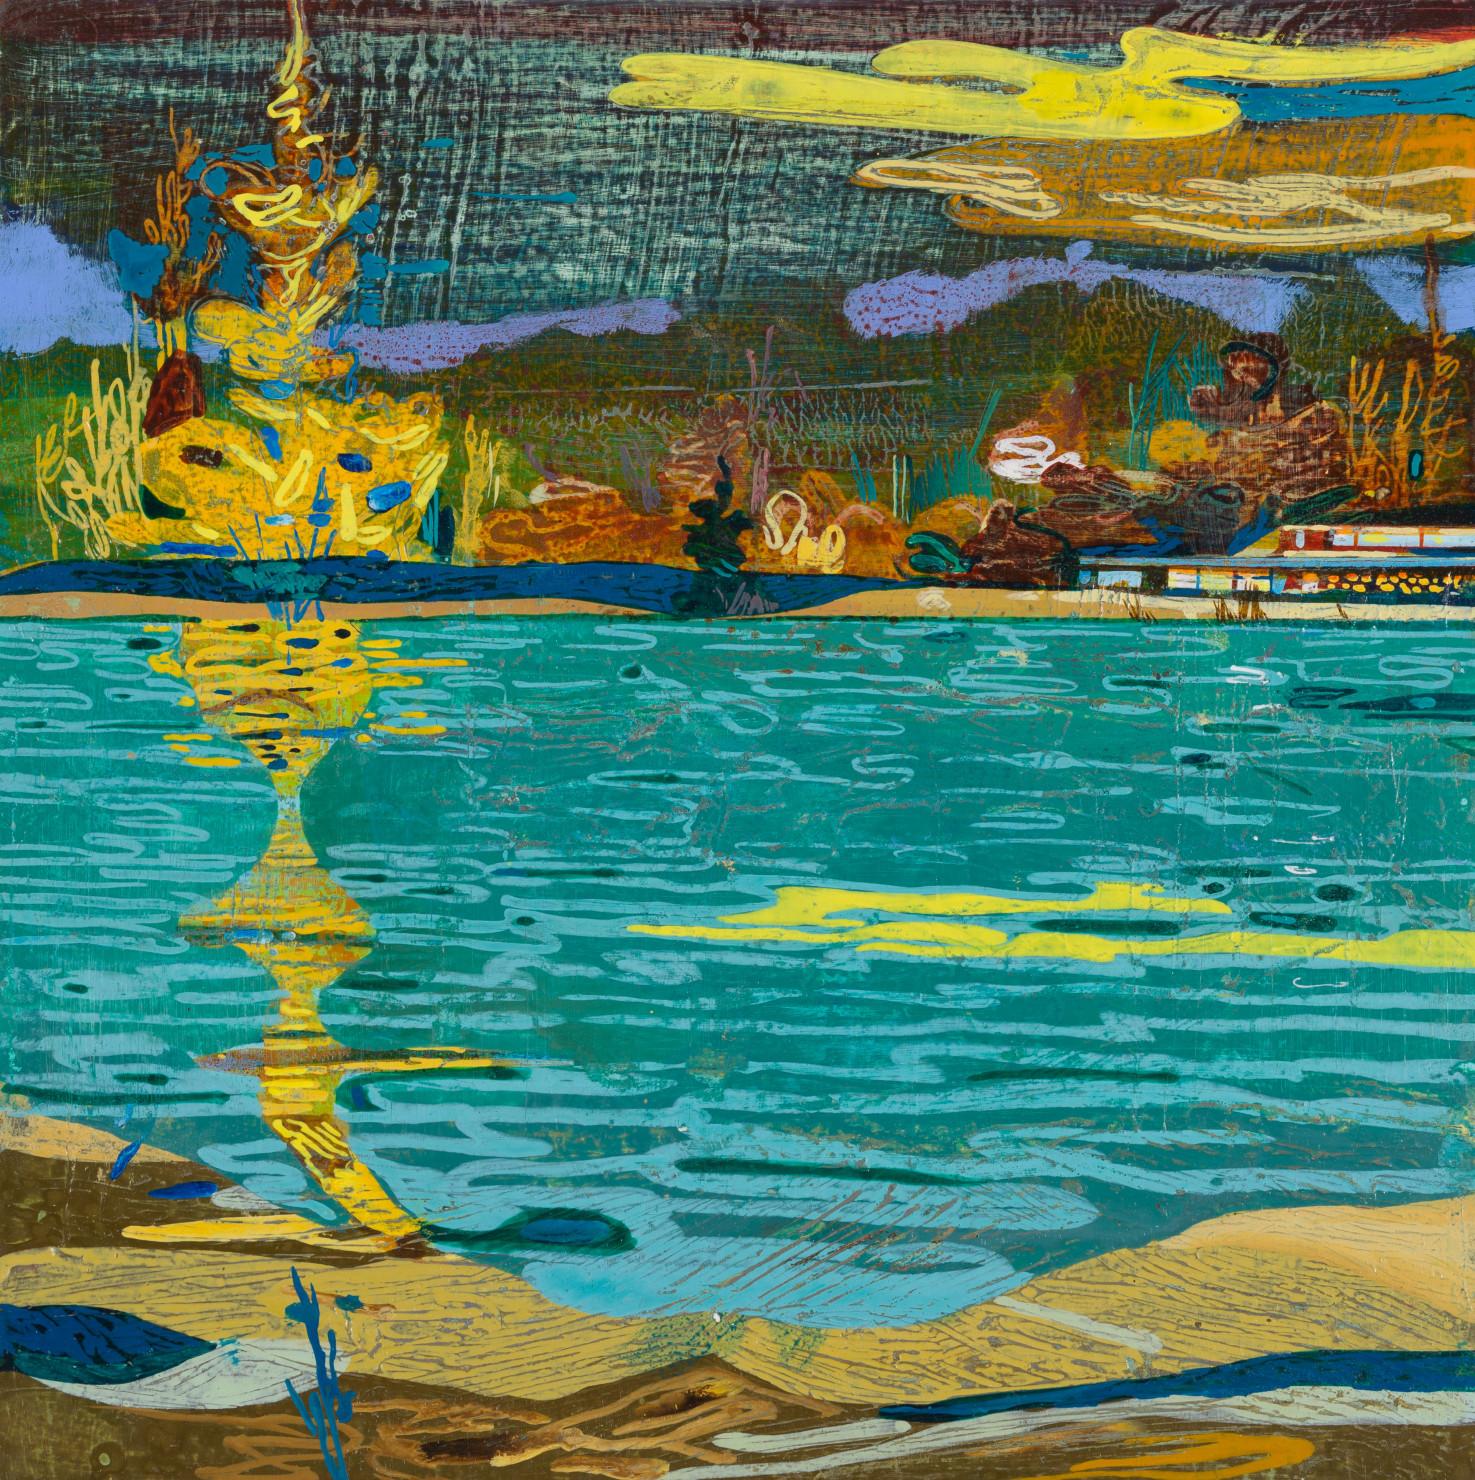 John Harmer, Yellow Cloud, 2019